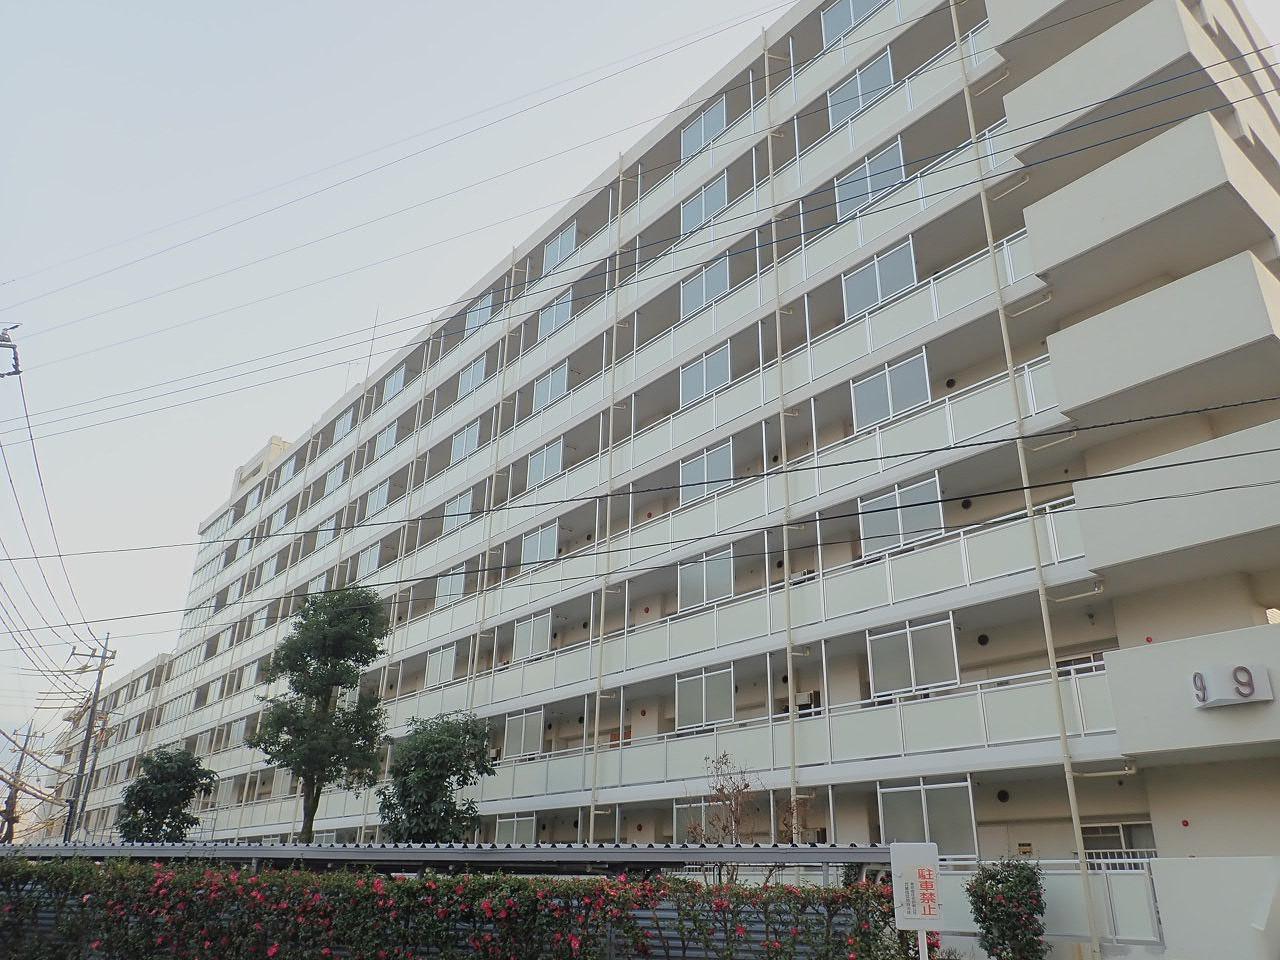 都営武蔵岡アパート(4、9号棟)廊下手摺改修及び鉄部塗装工事